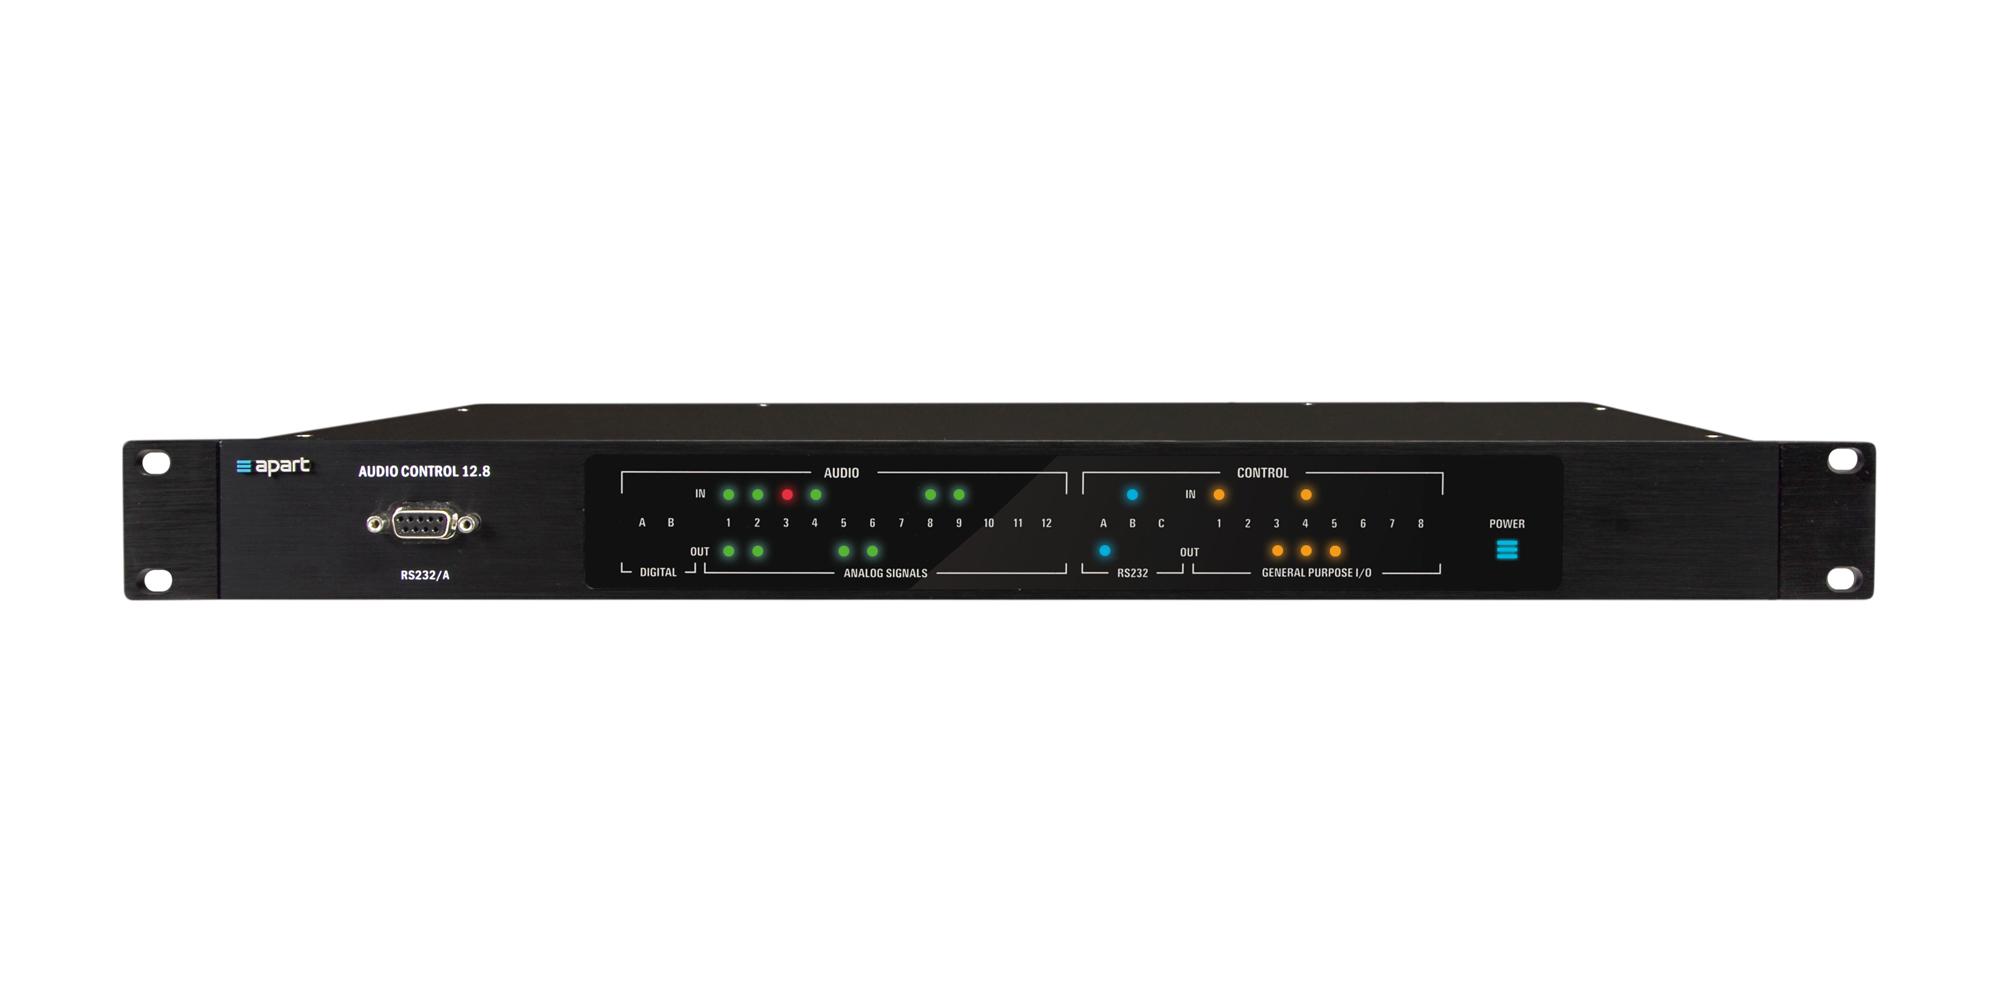 AUDIOCONTROL12.8 DSP powered audio matrix